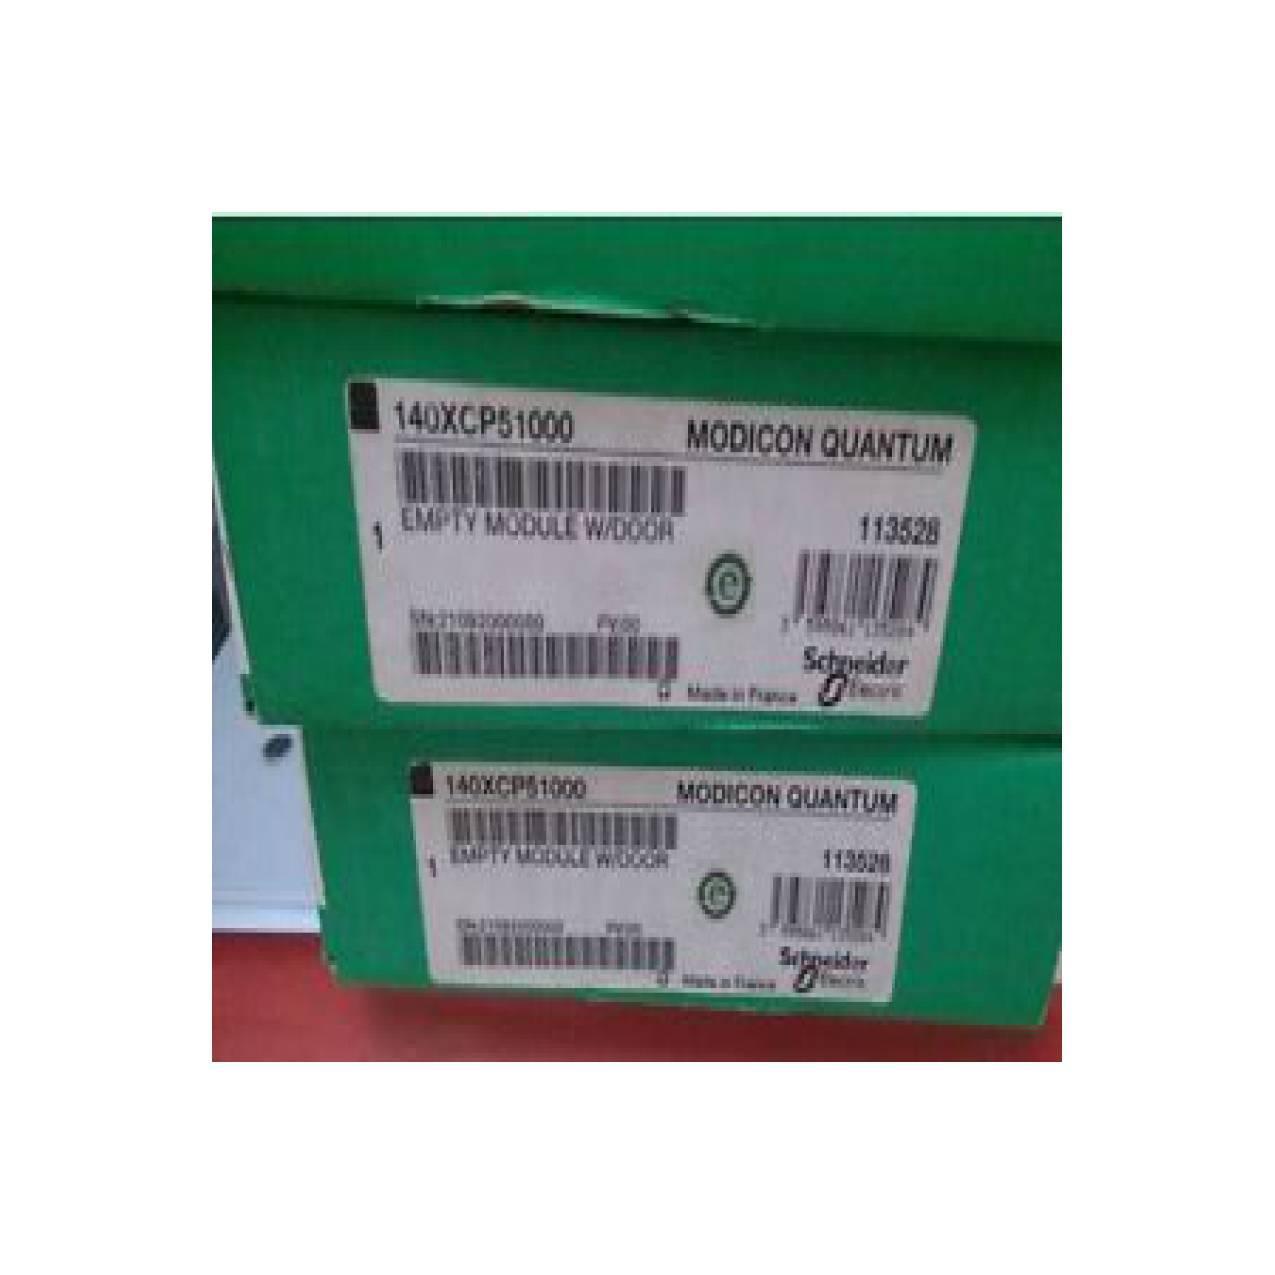 S NEW Schneider PLC Module 140XCP51000